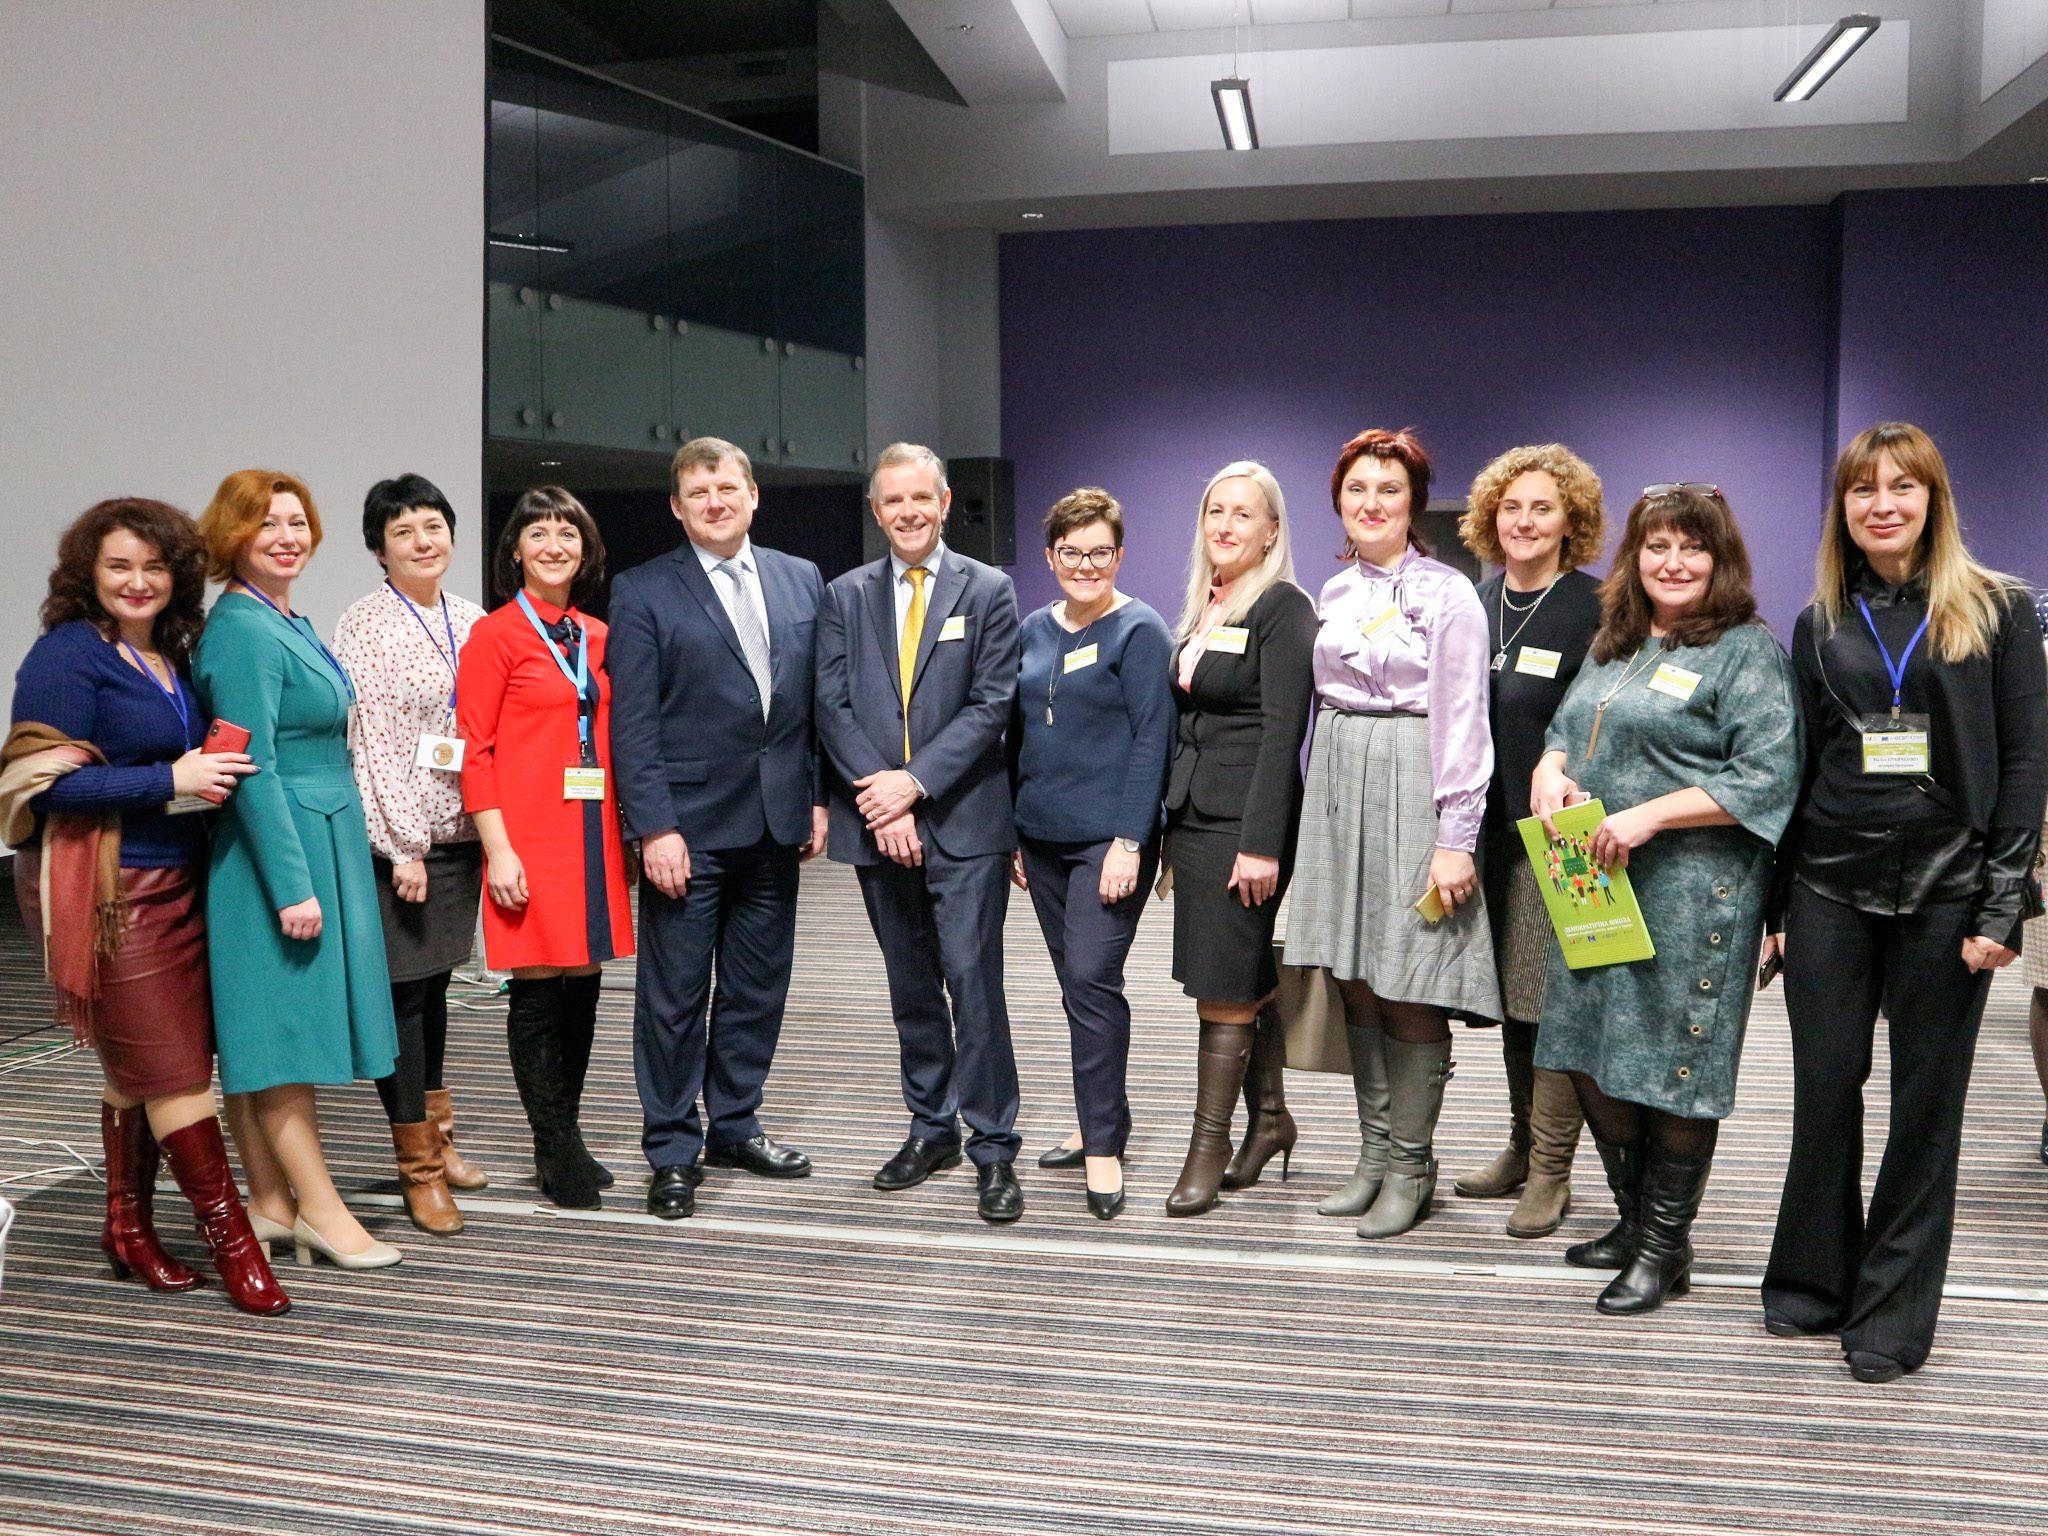 Програма підтримки освітніх реформ в Україні «Демократична школа»